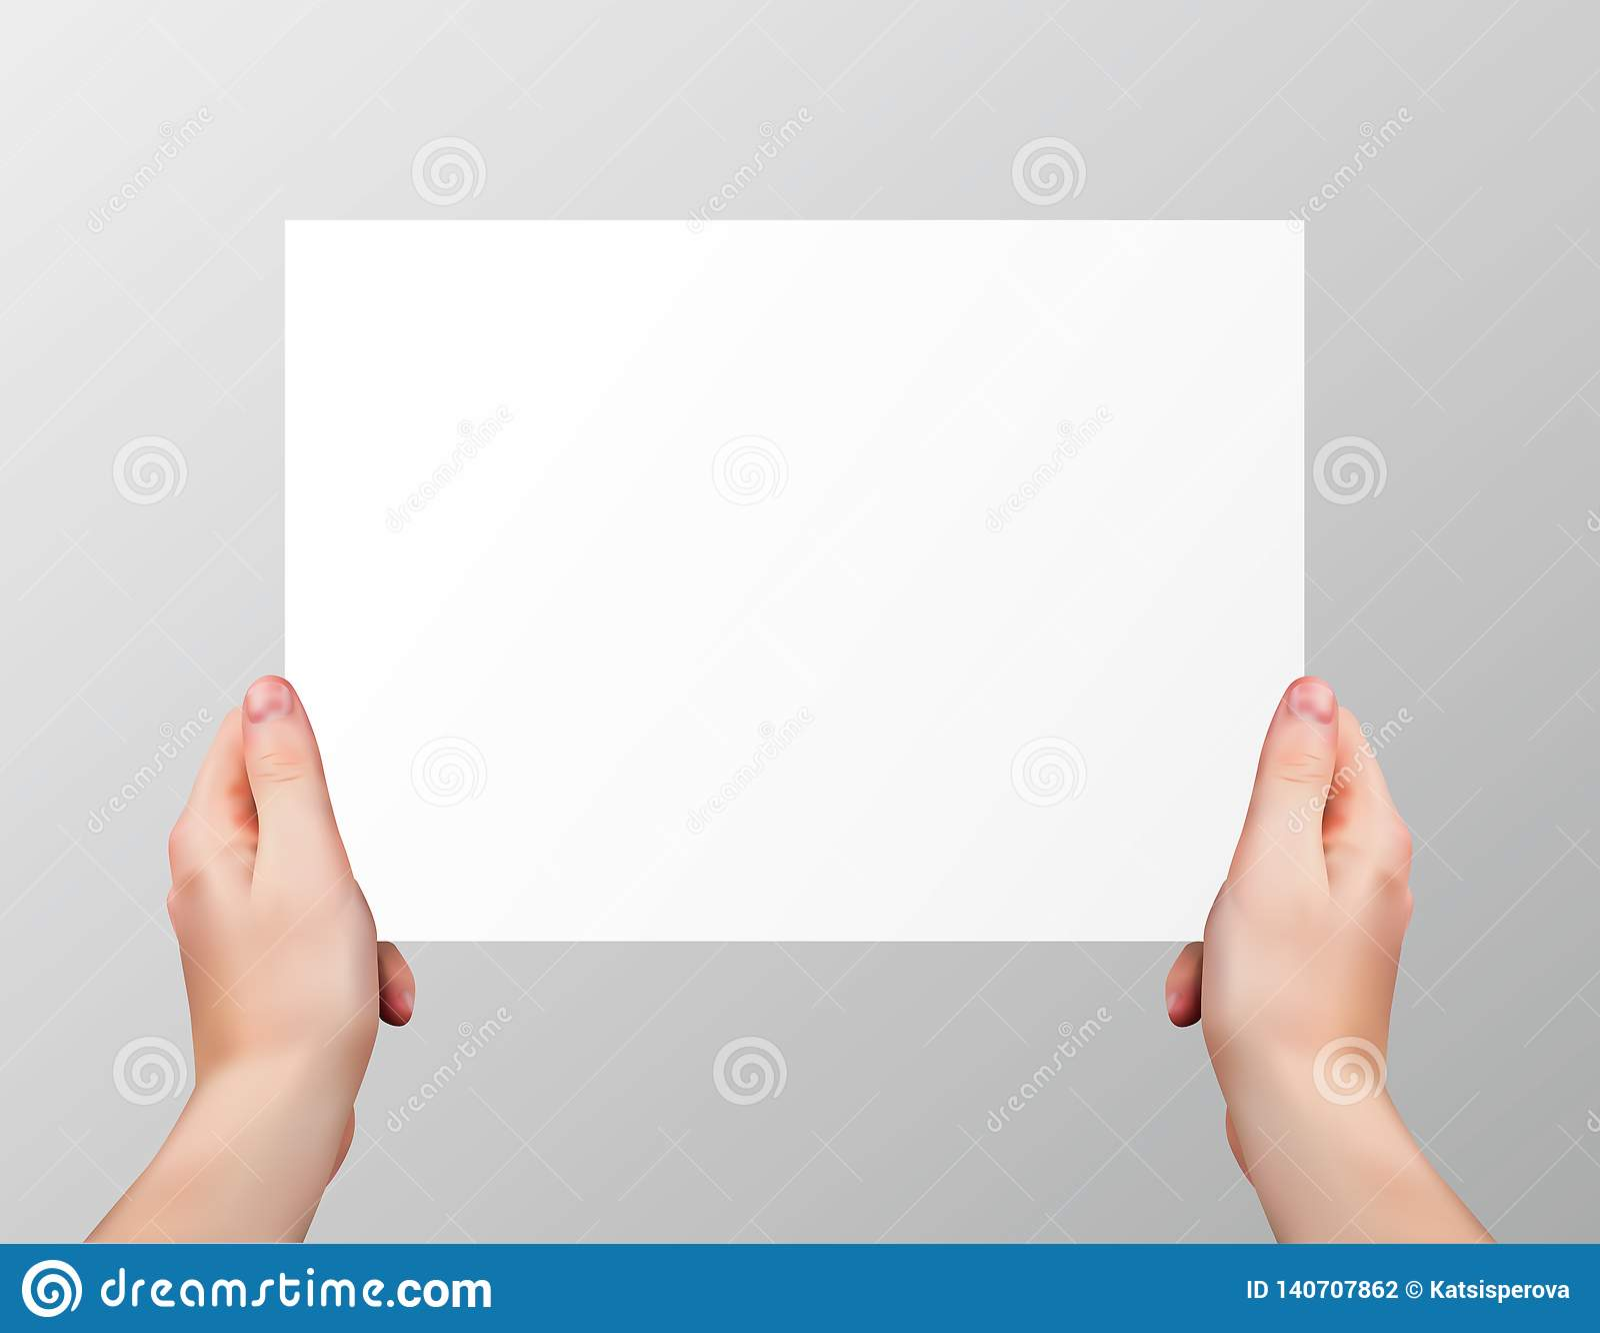 Vector realistische handen die lege horizontale document pagina houden die op grijze achtergrond wordt geïsoleerd